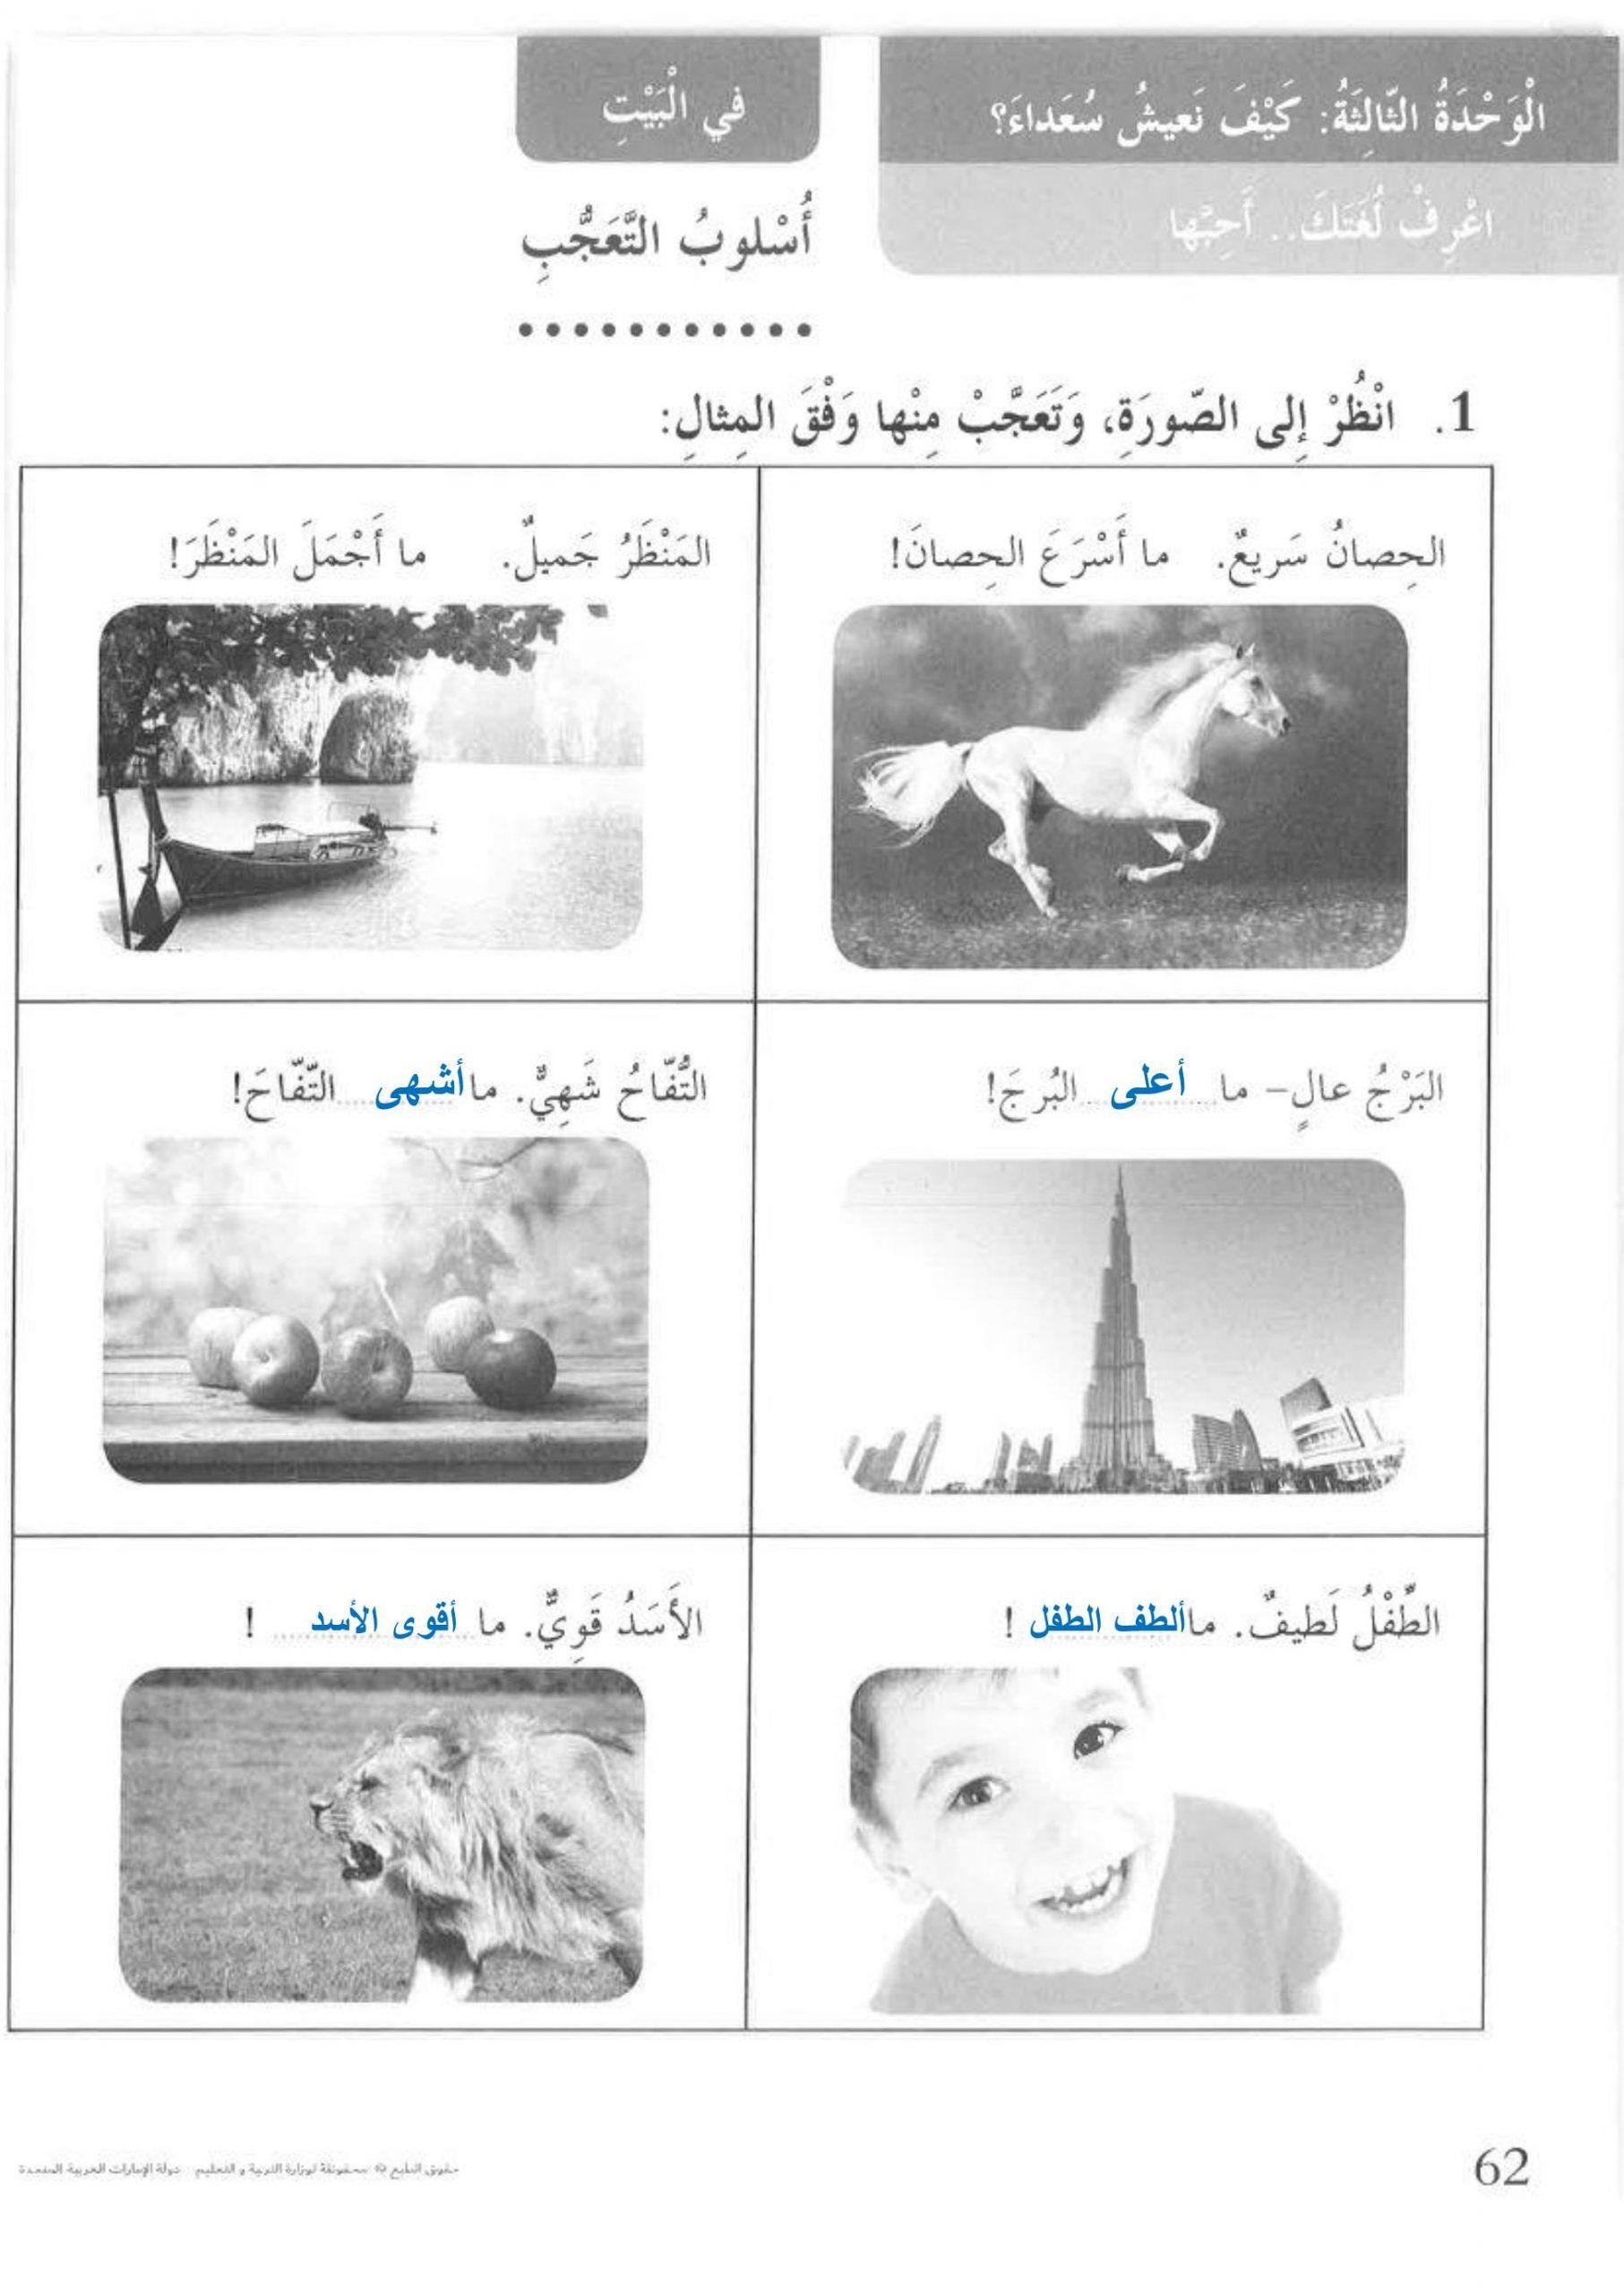 درس اسلوب التعجب مع الاجابات للصف الثالث مادة اللغة العربية